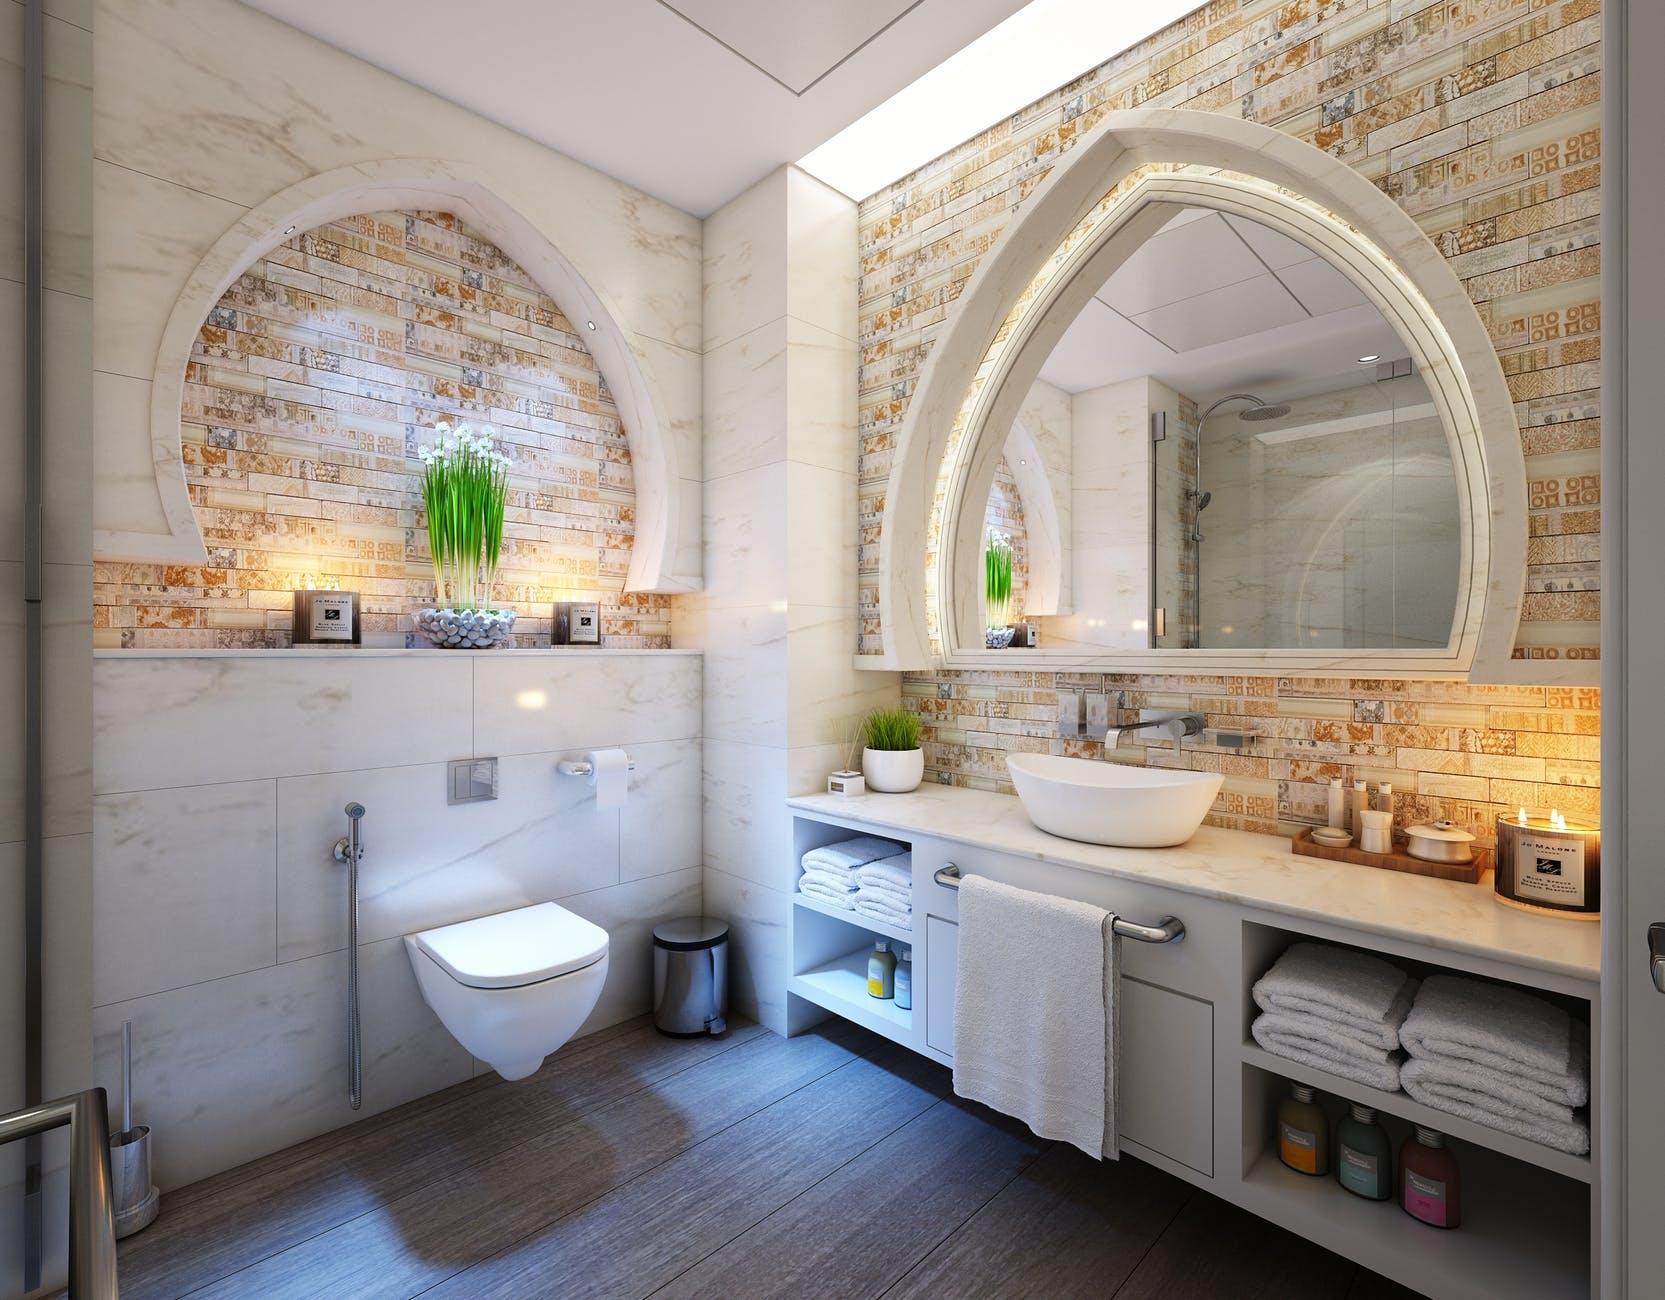 De voordelen van een pvc vloer in je huis aanbouwuitbouw.nl